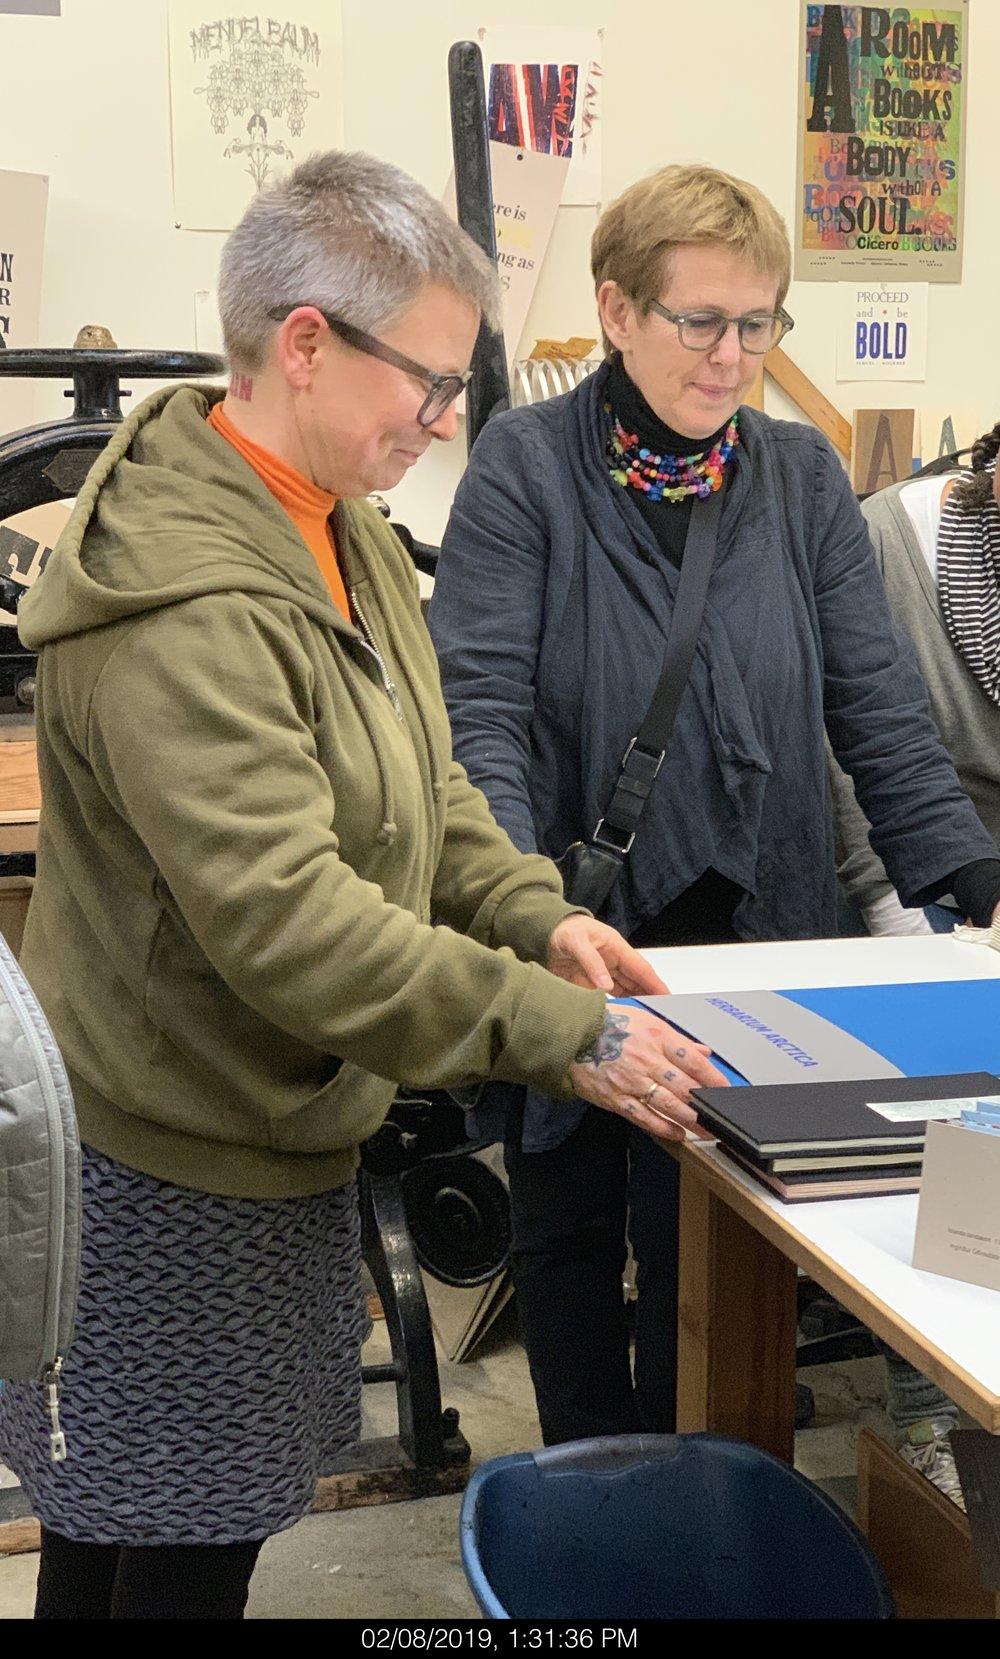 Rita Marhaug (Norway) with Helga Palina Brynjolfsdottir (Iceland) looking on